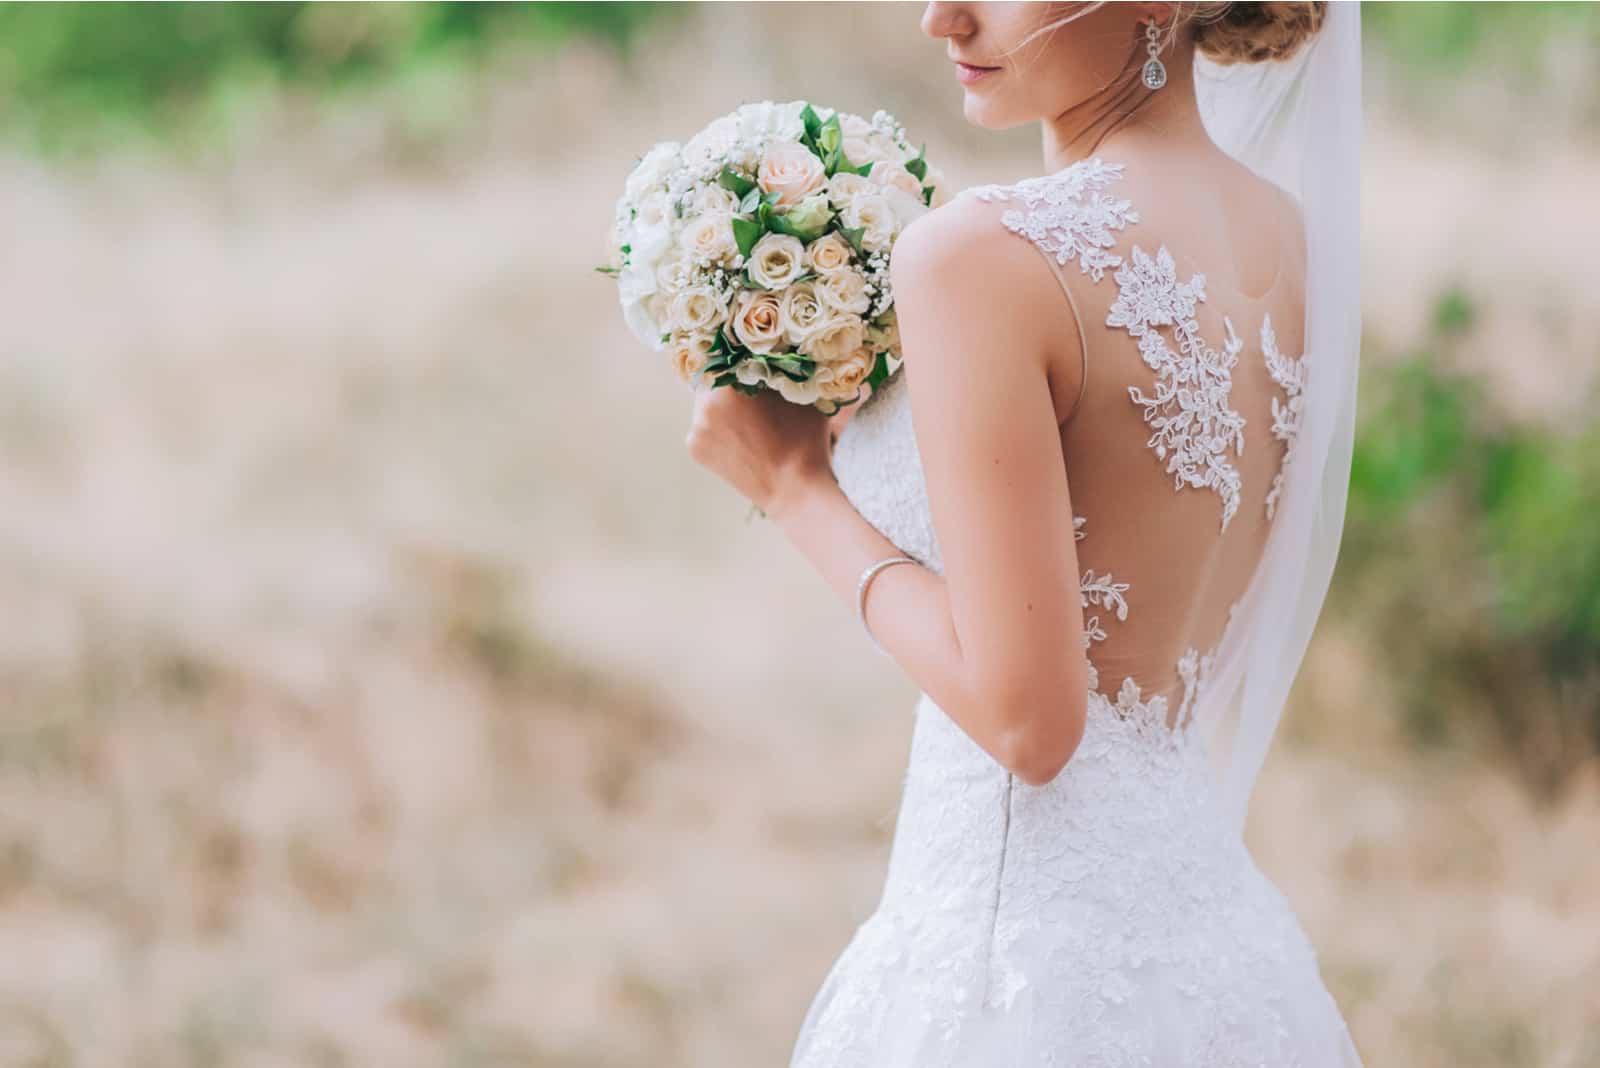 Braut, die Hochzeitsstrauß hält